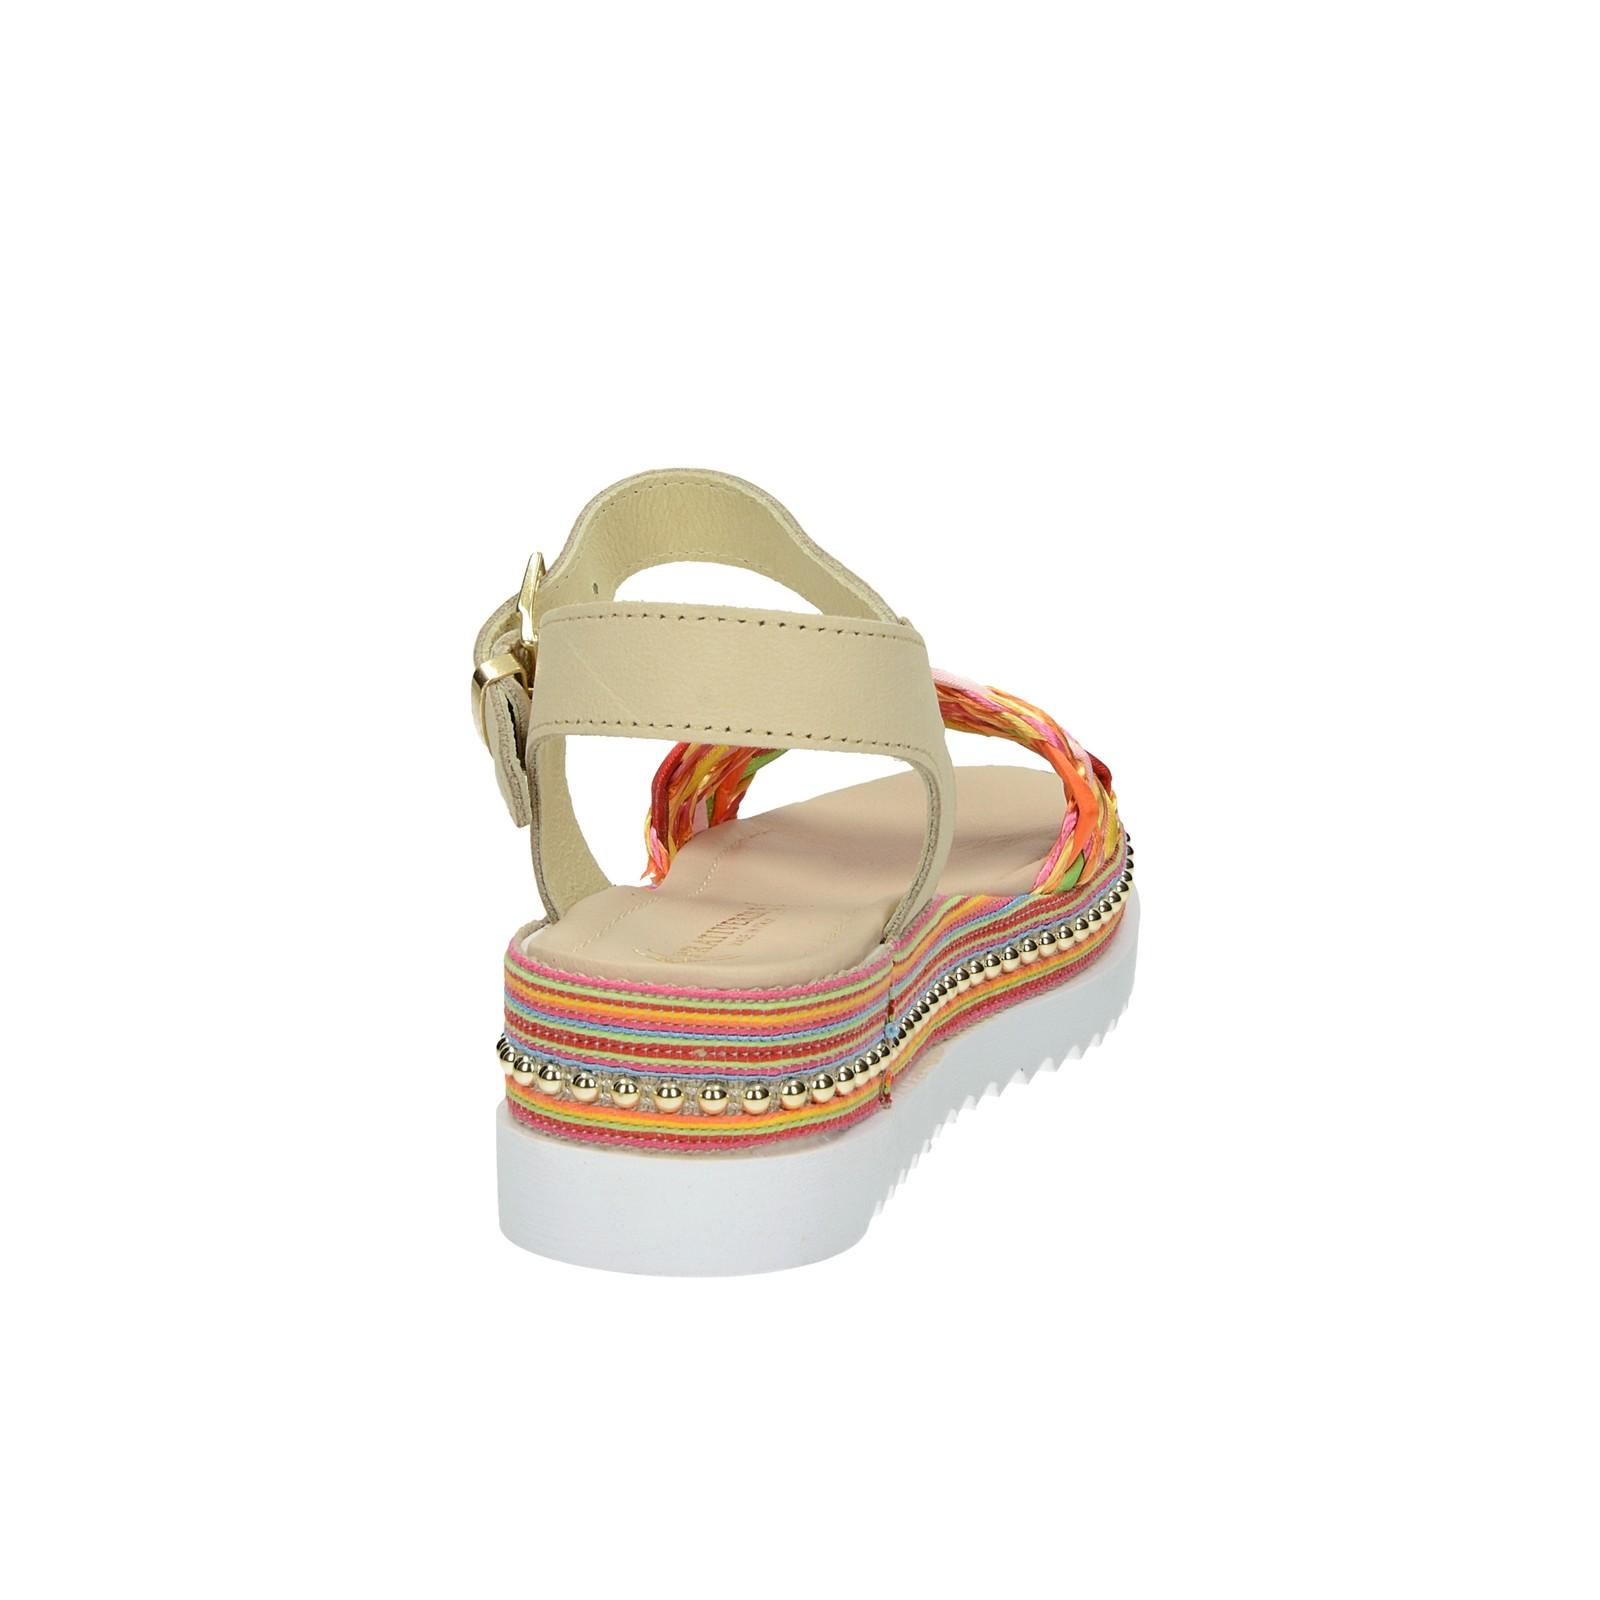 Prativerdi dámské stylové sandály - vícebarevné